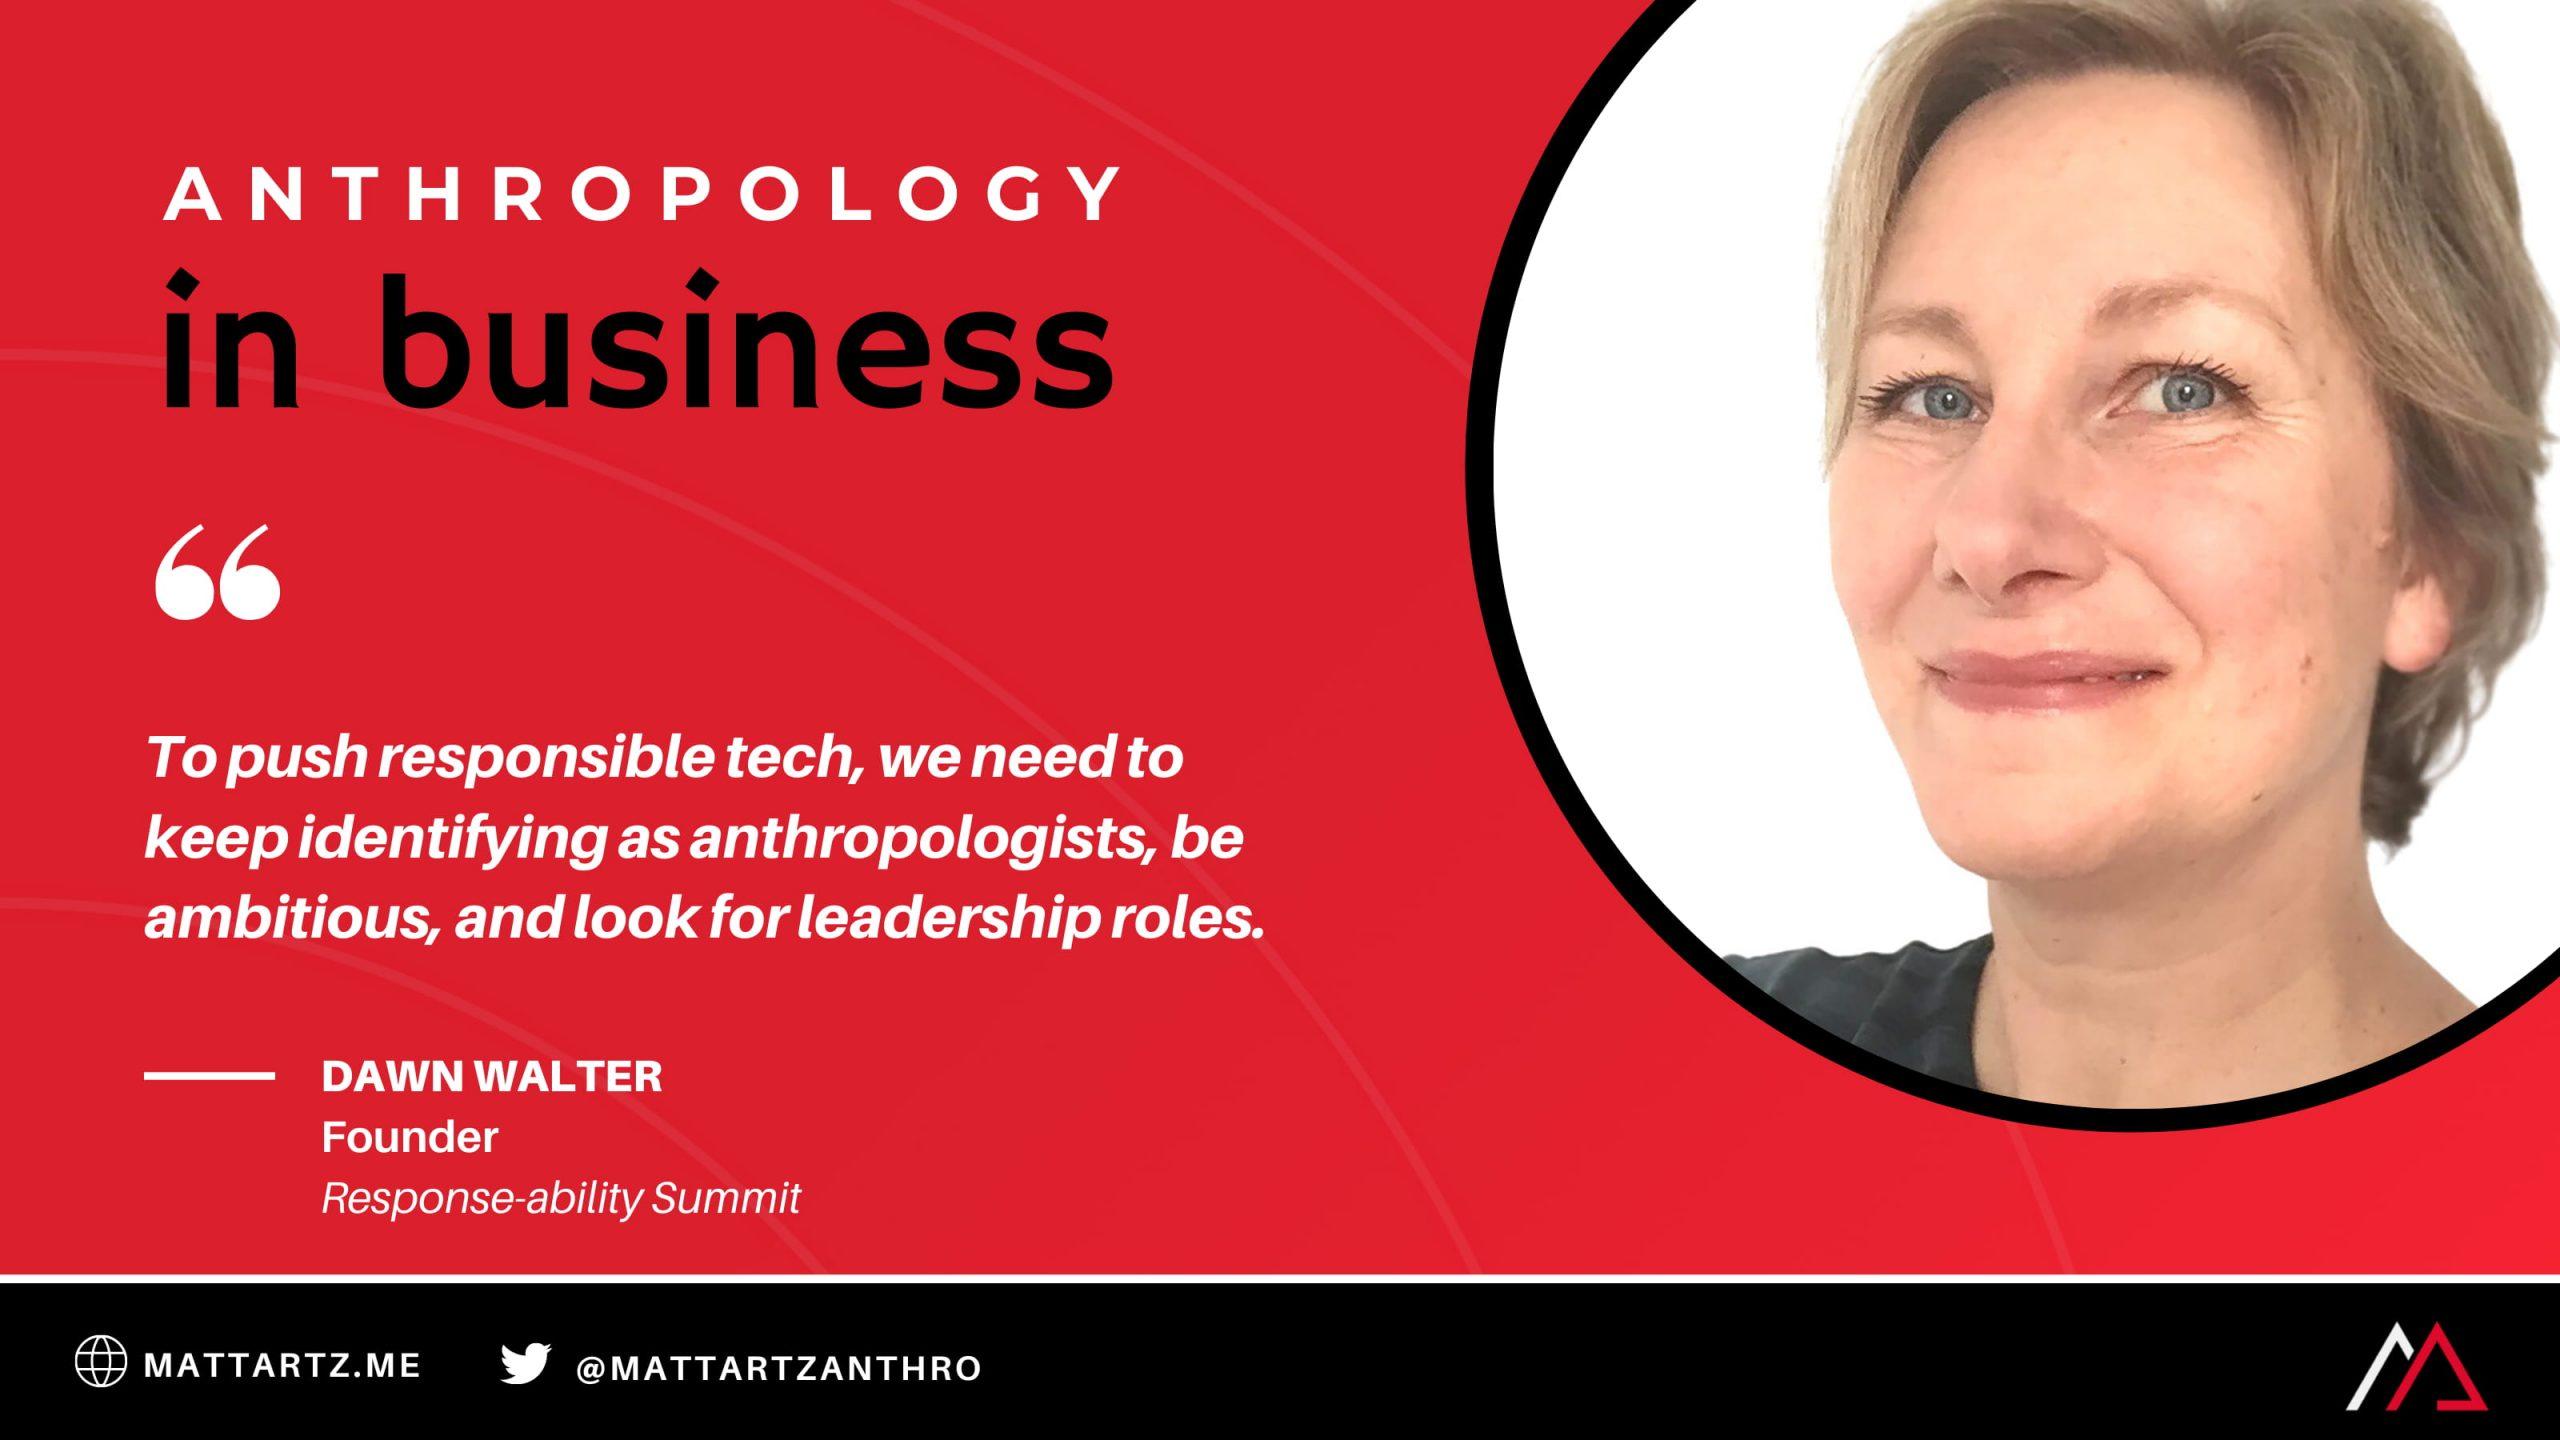 Dawn Walter on Anthropology in Business with Matt Artz